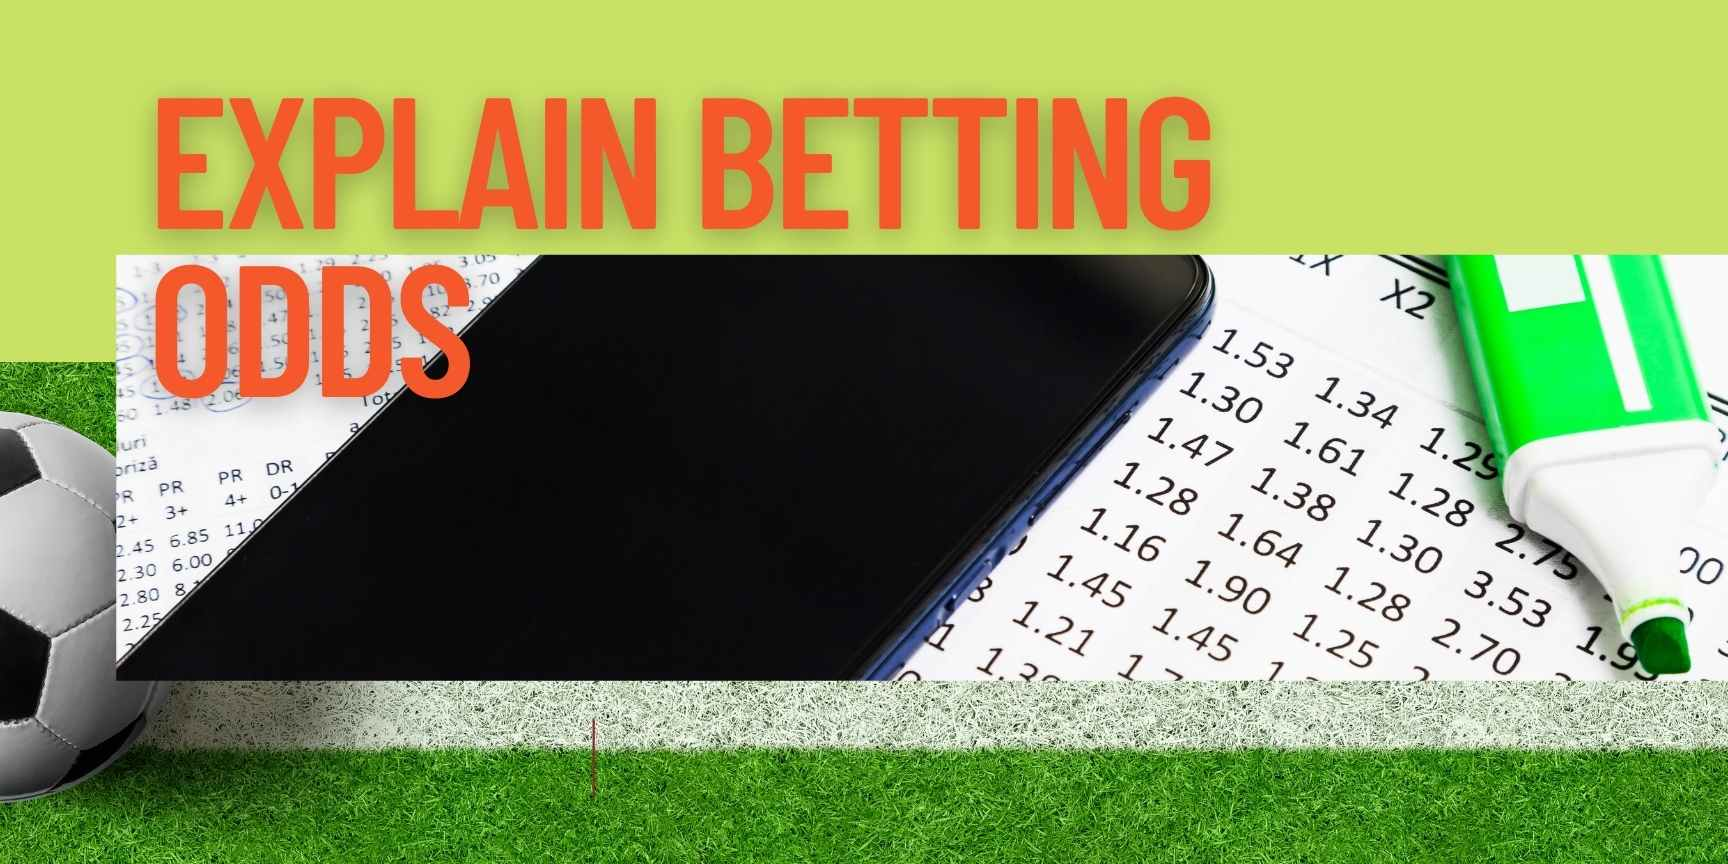 explain betting odds